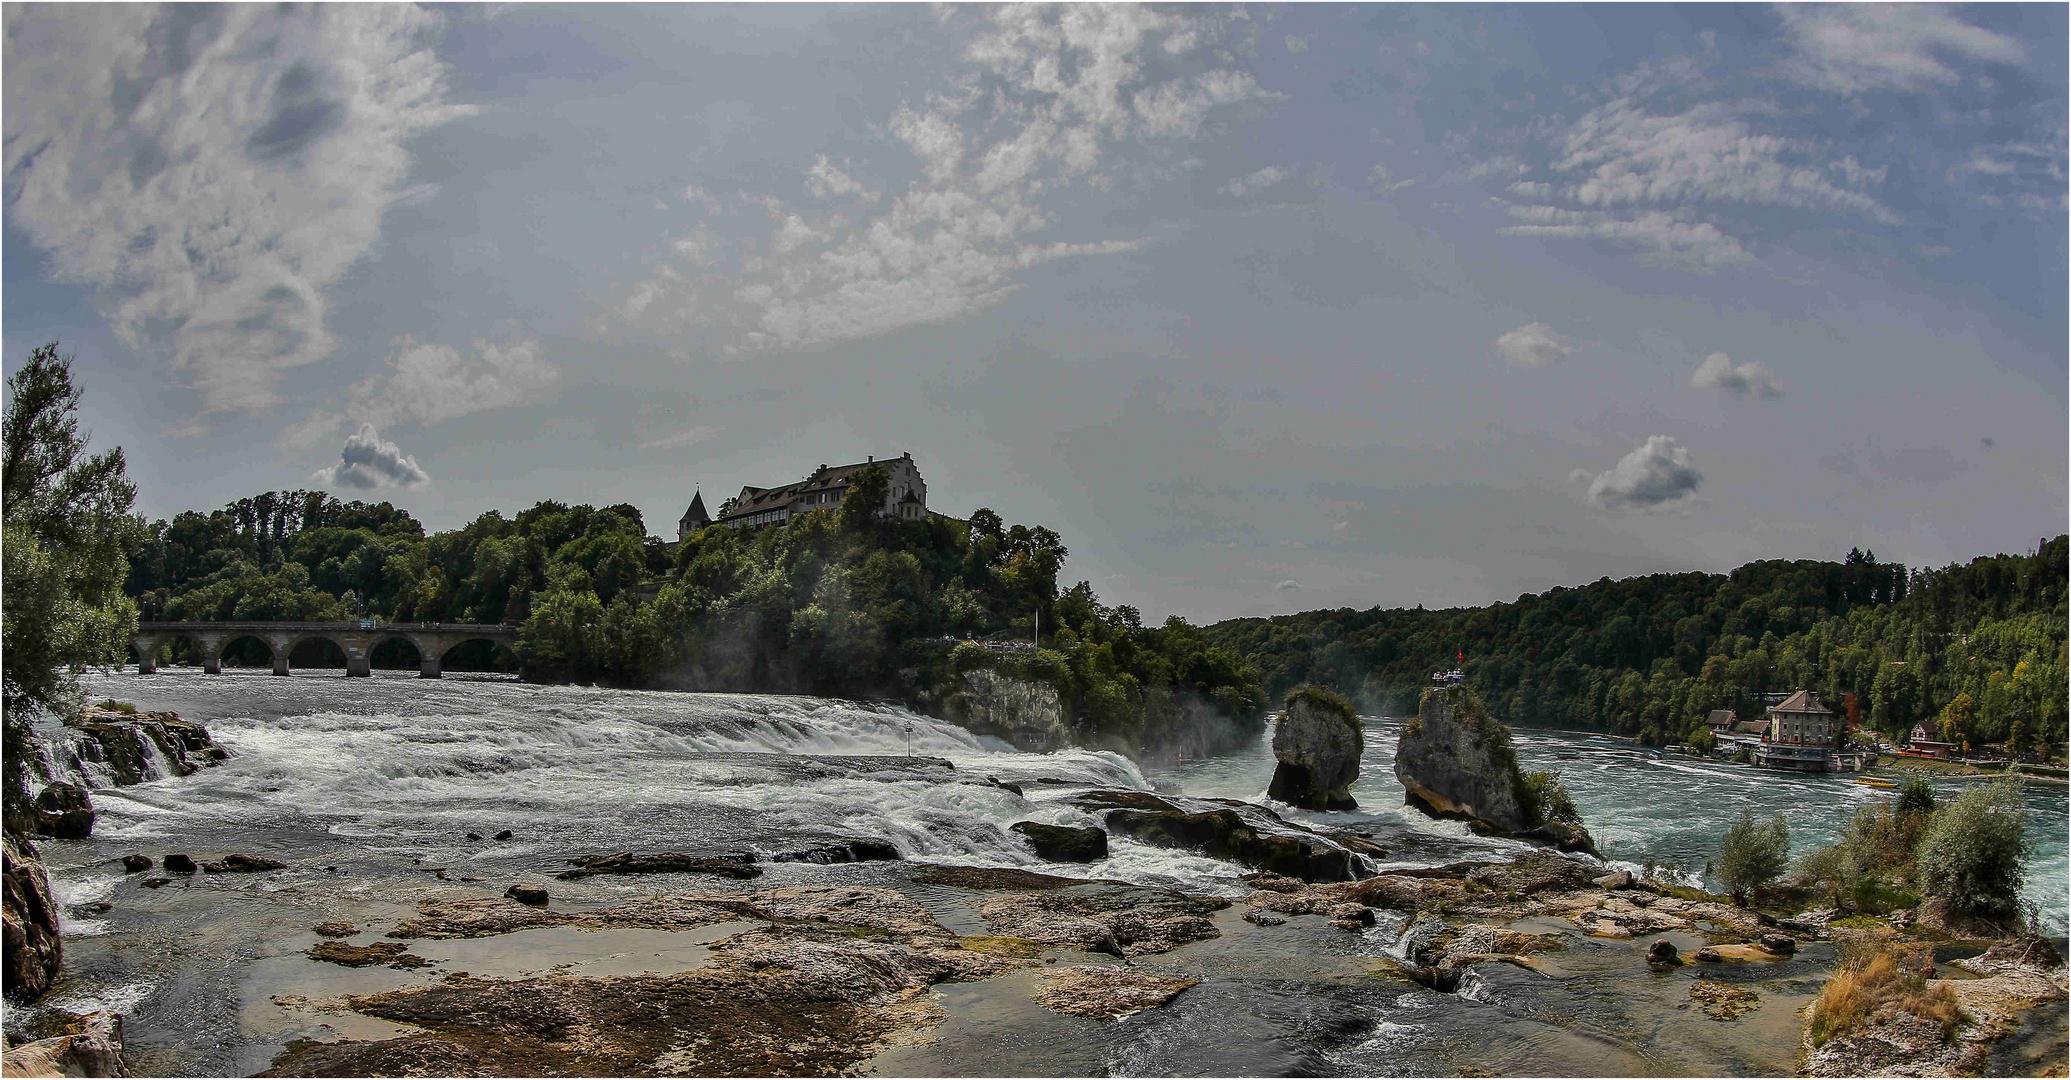 Rheinfall 10 mystic river